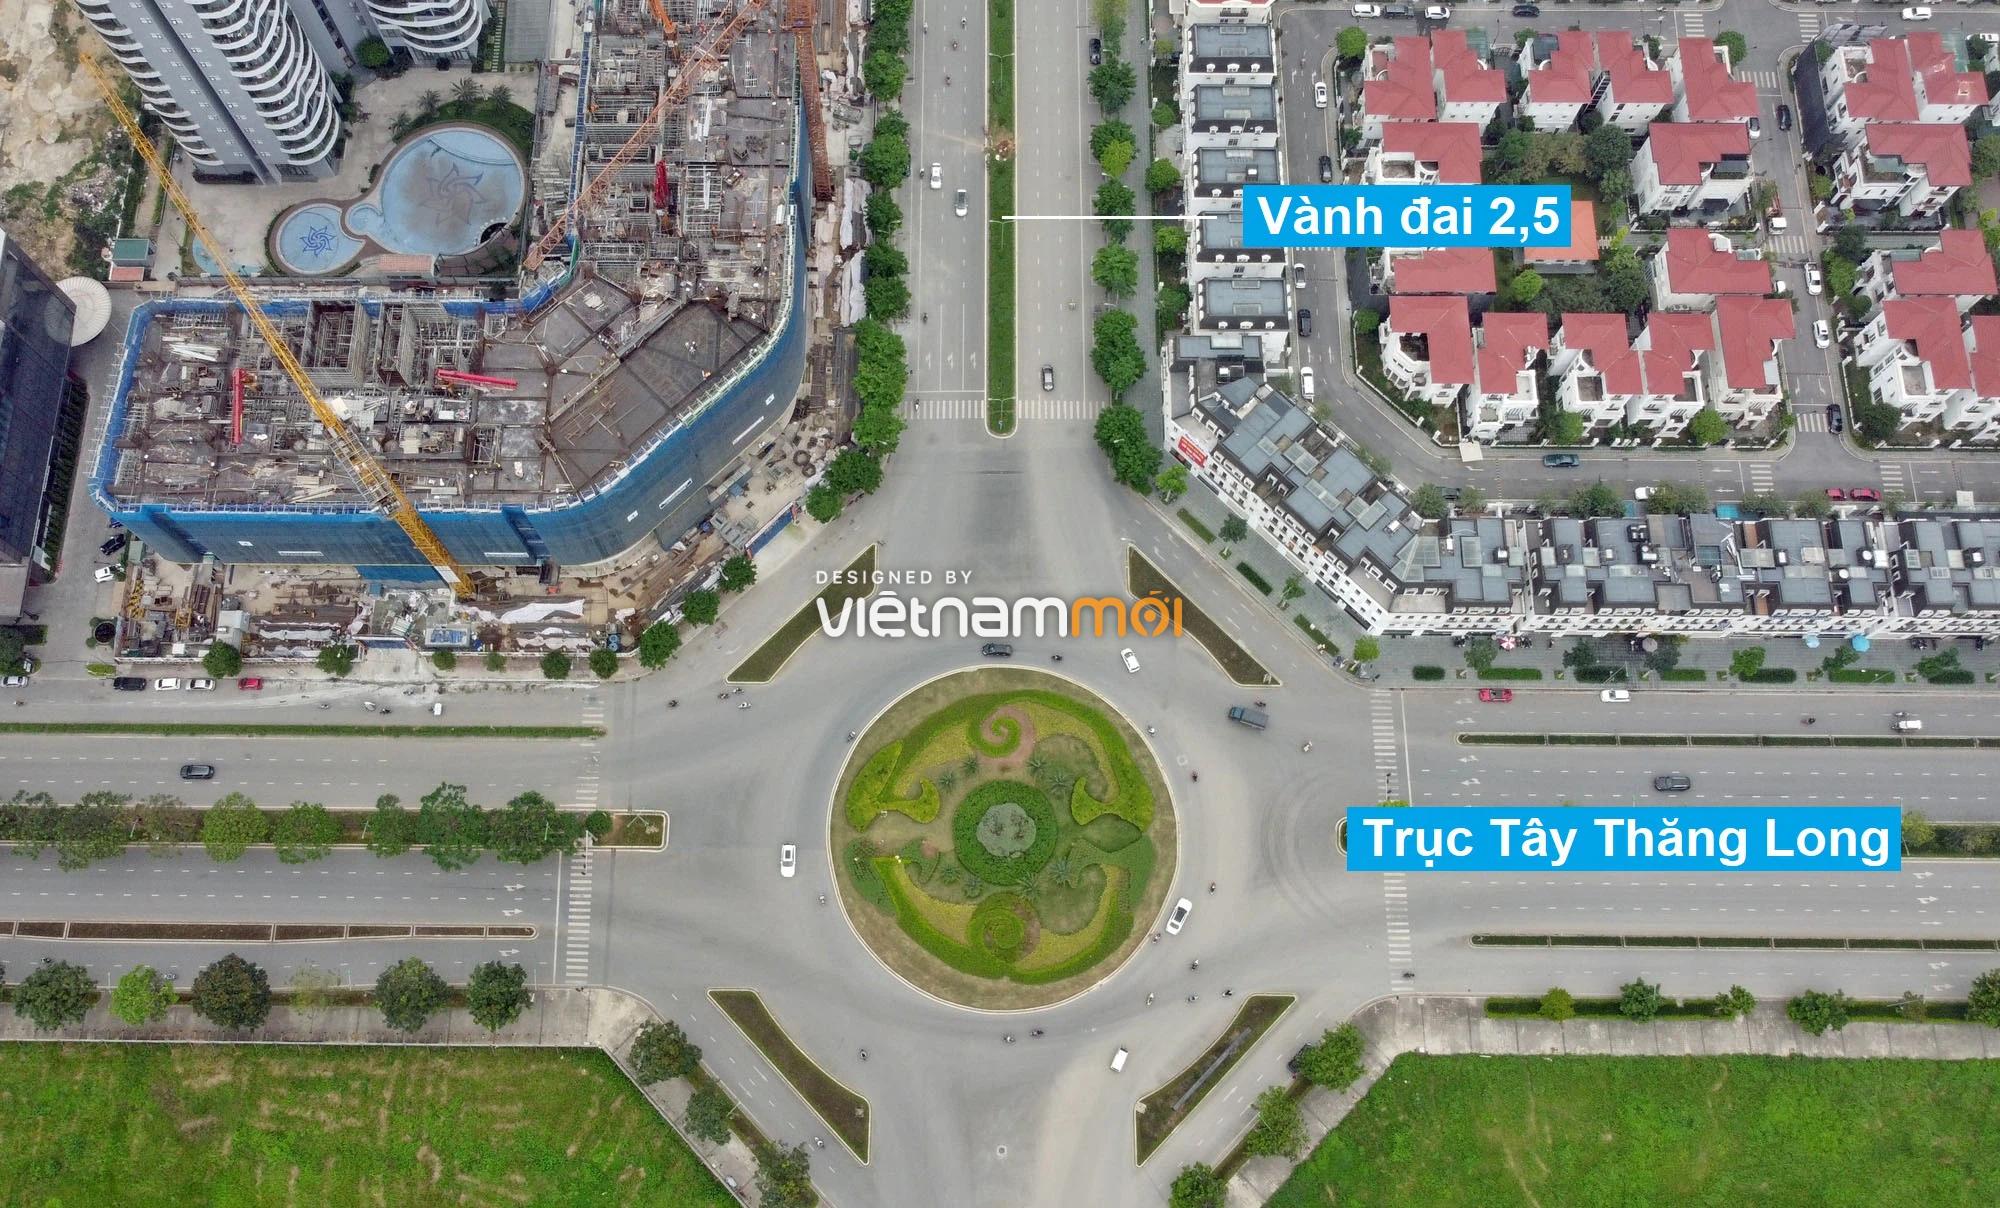 Vành đai 2,5 sẽ mở theo quy hoạch qua quận Bắc Từ Liêm, Hà Nội - Ảnh 4.